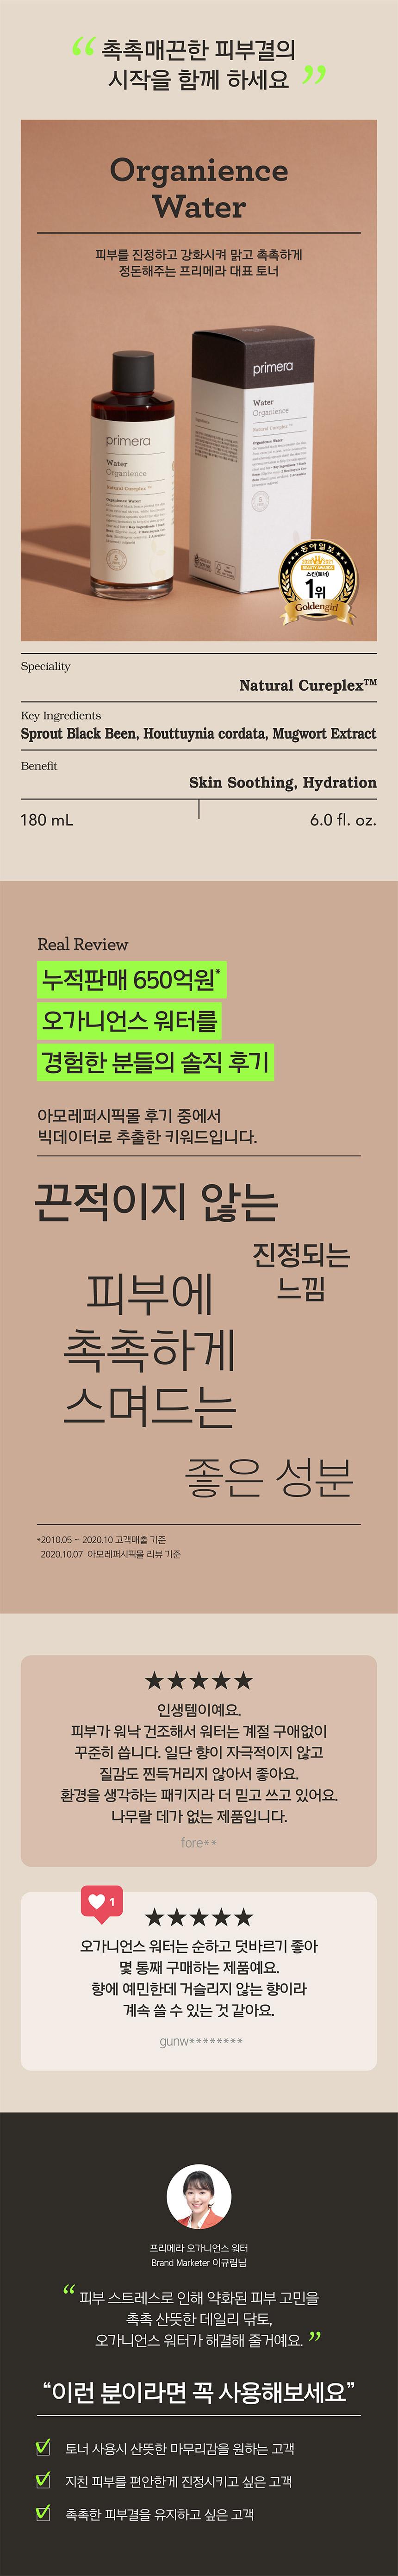 프리메라(PRIMERA) 오가니언스 2종 + [사은품증정]